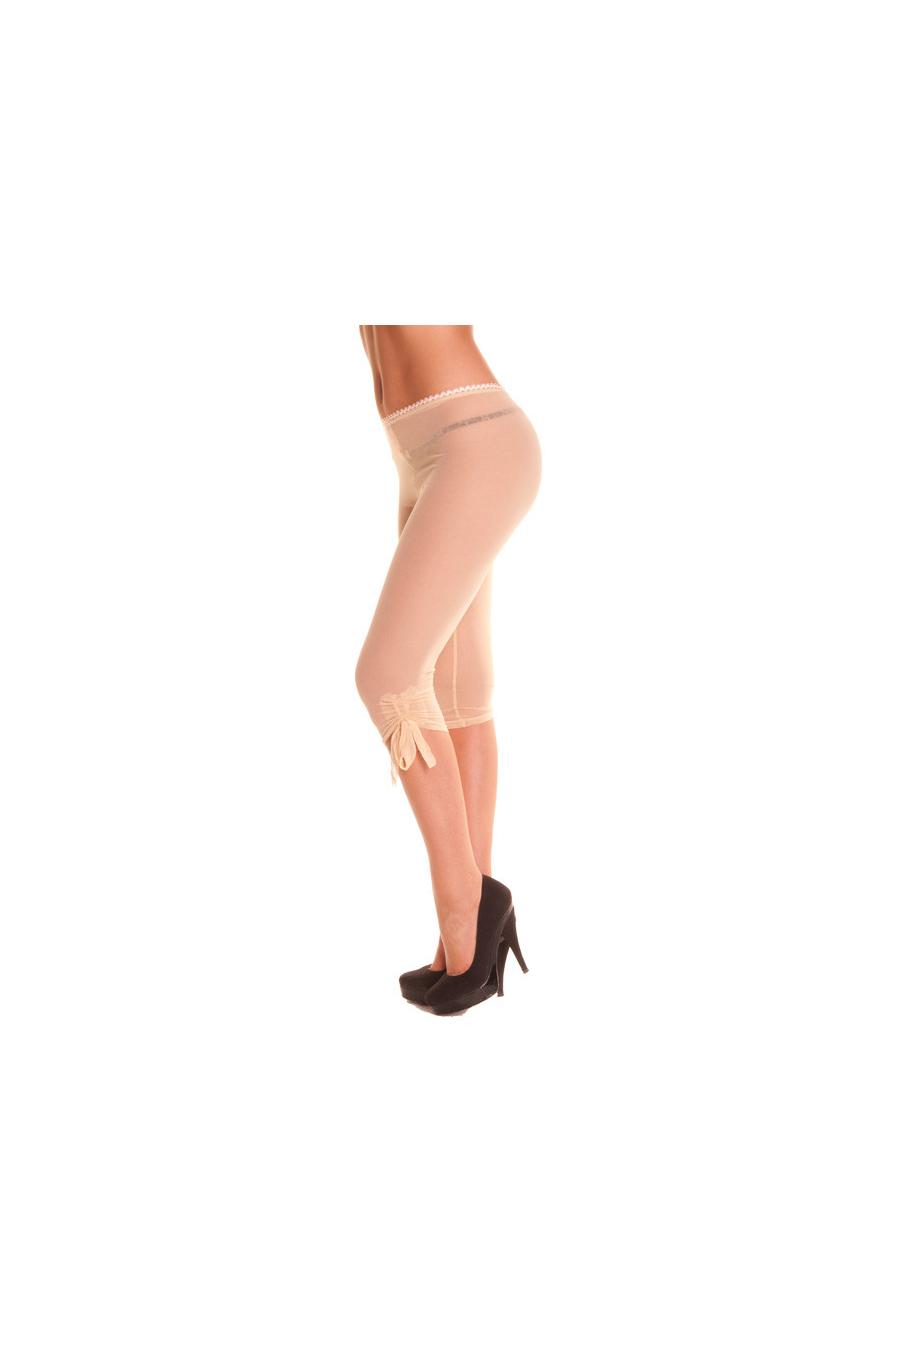 Leggings transparent avec noeud au genoux.